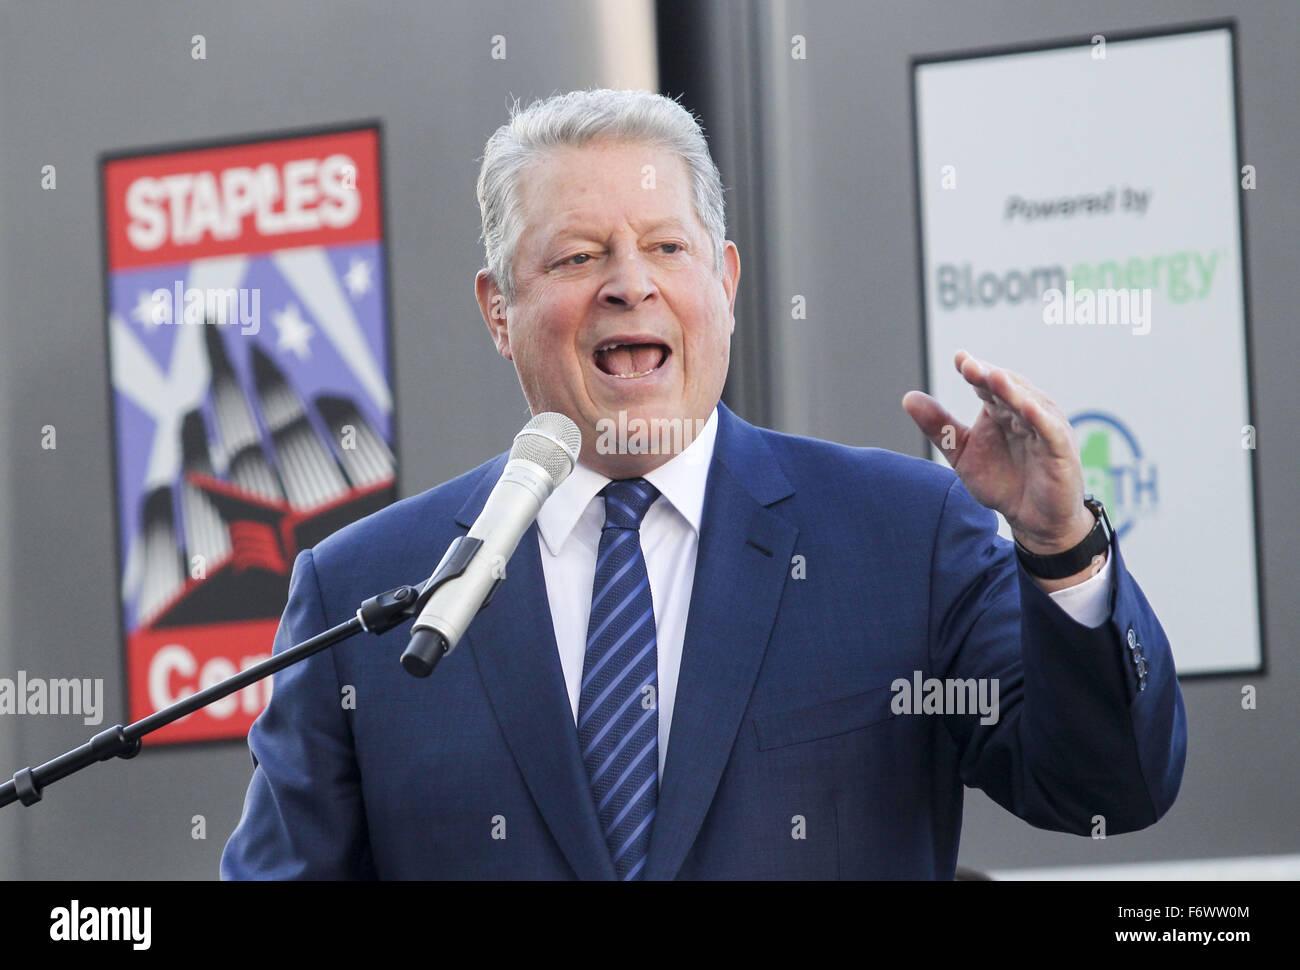 Los Angeles, Californie, USA. 19 Nov, 2015. L'ancien Vice-président Al Gore parle au cours d'une cérémonie Photo Stock